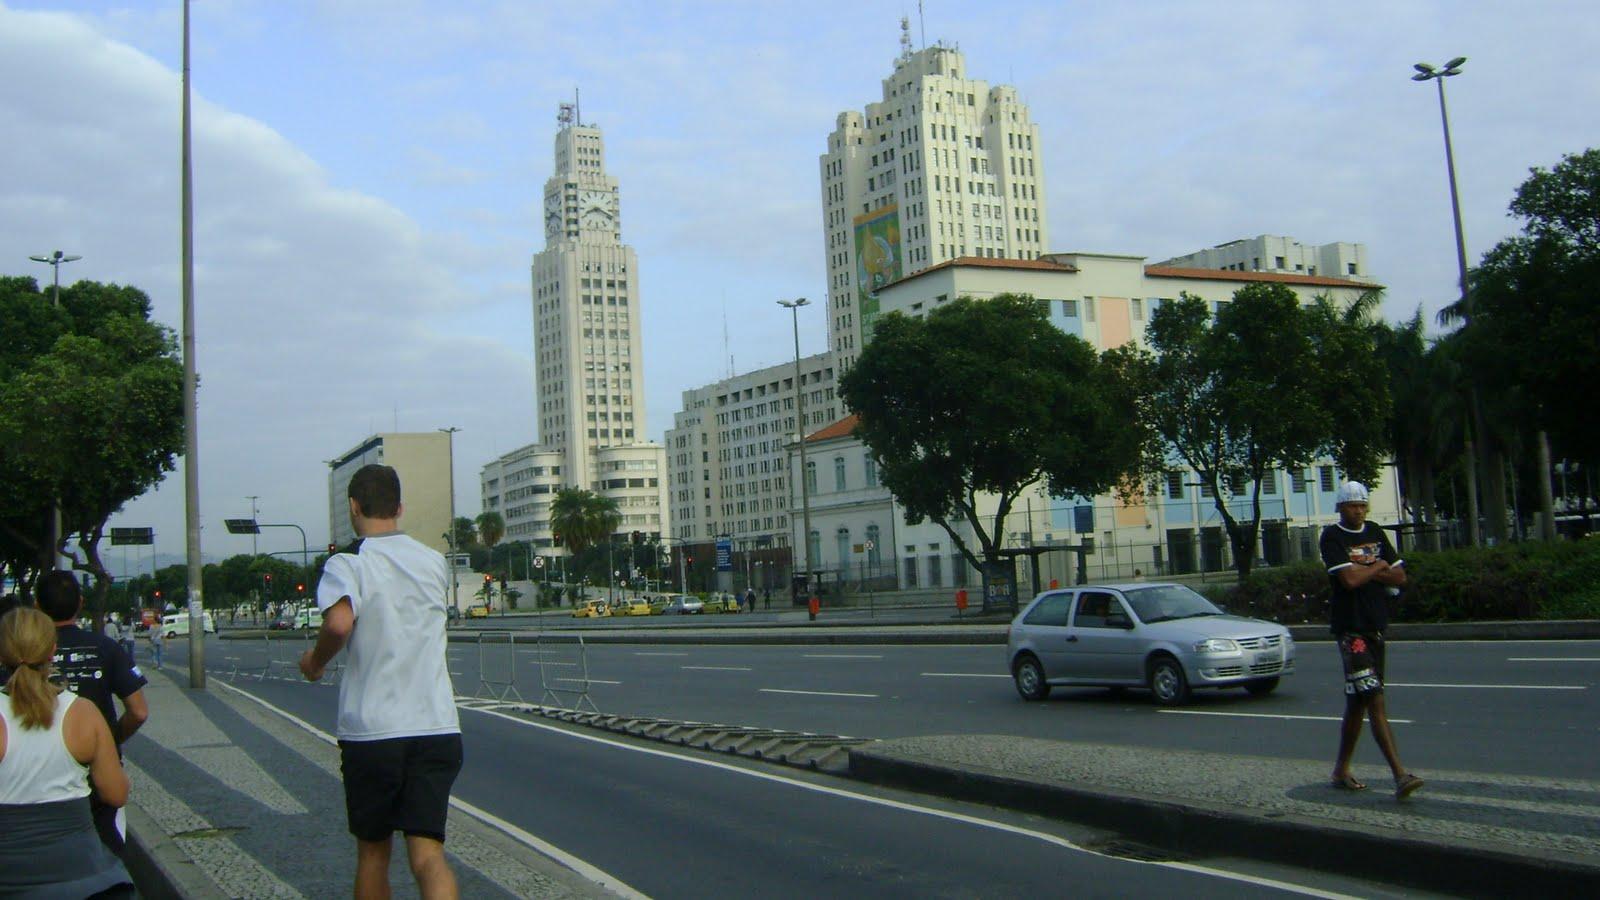 Circuito Rio Antigo : A alma fala circuito rio antigo um pouco do